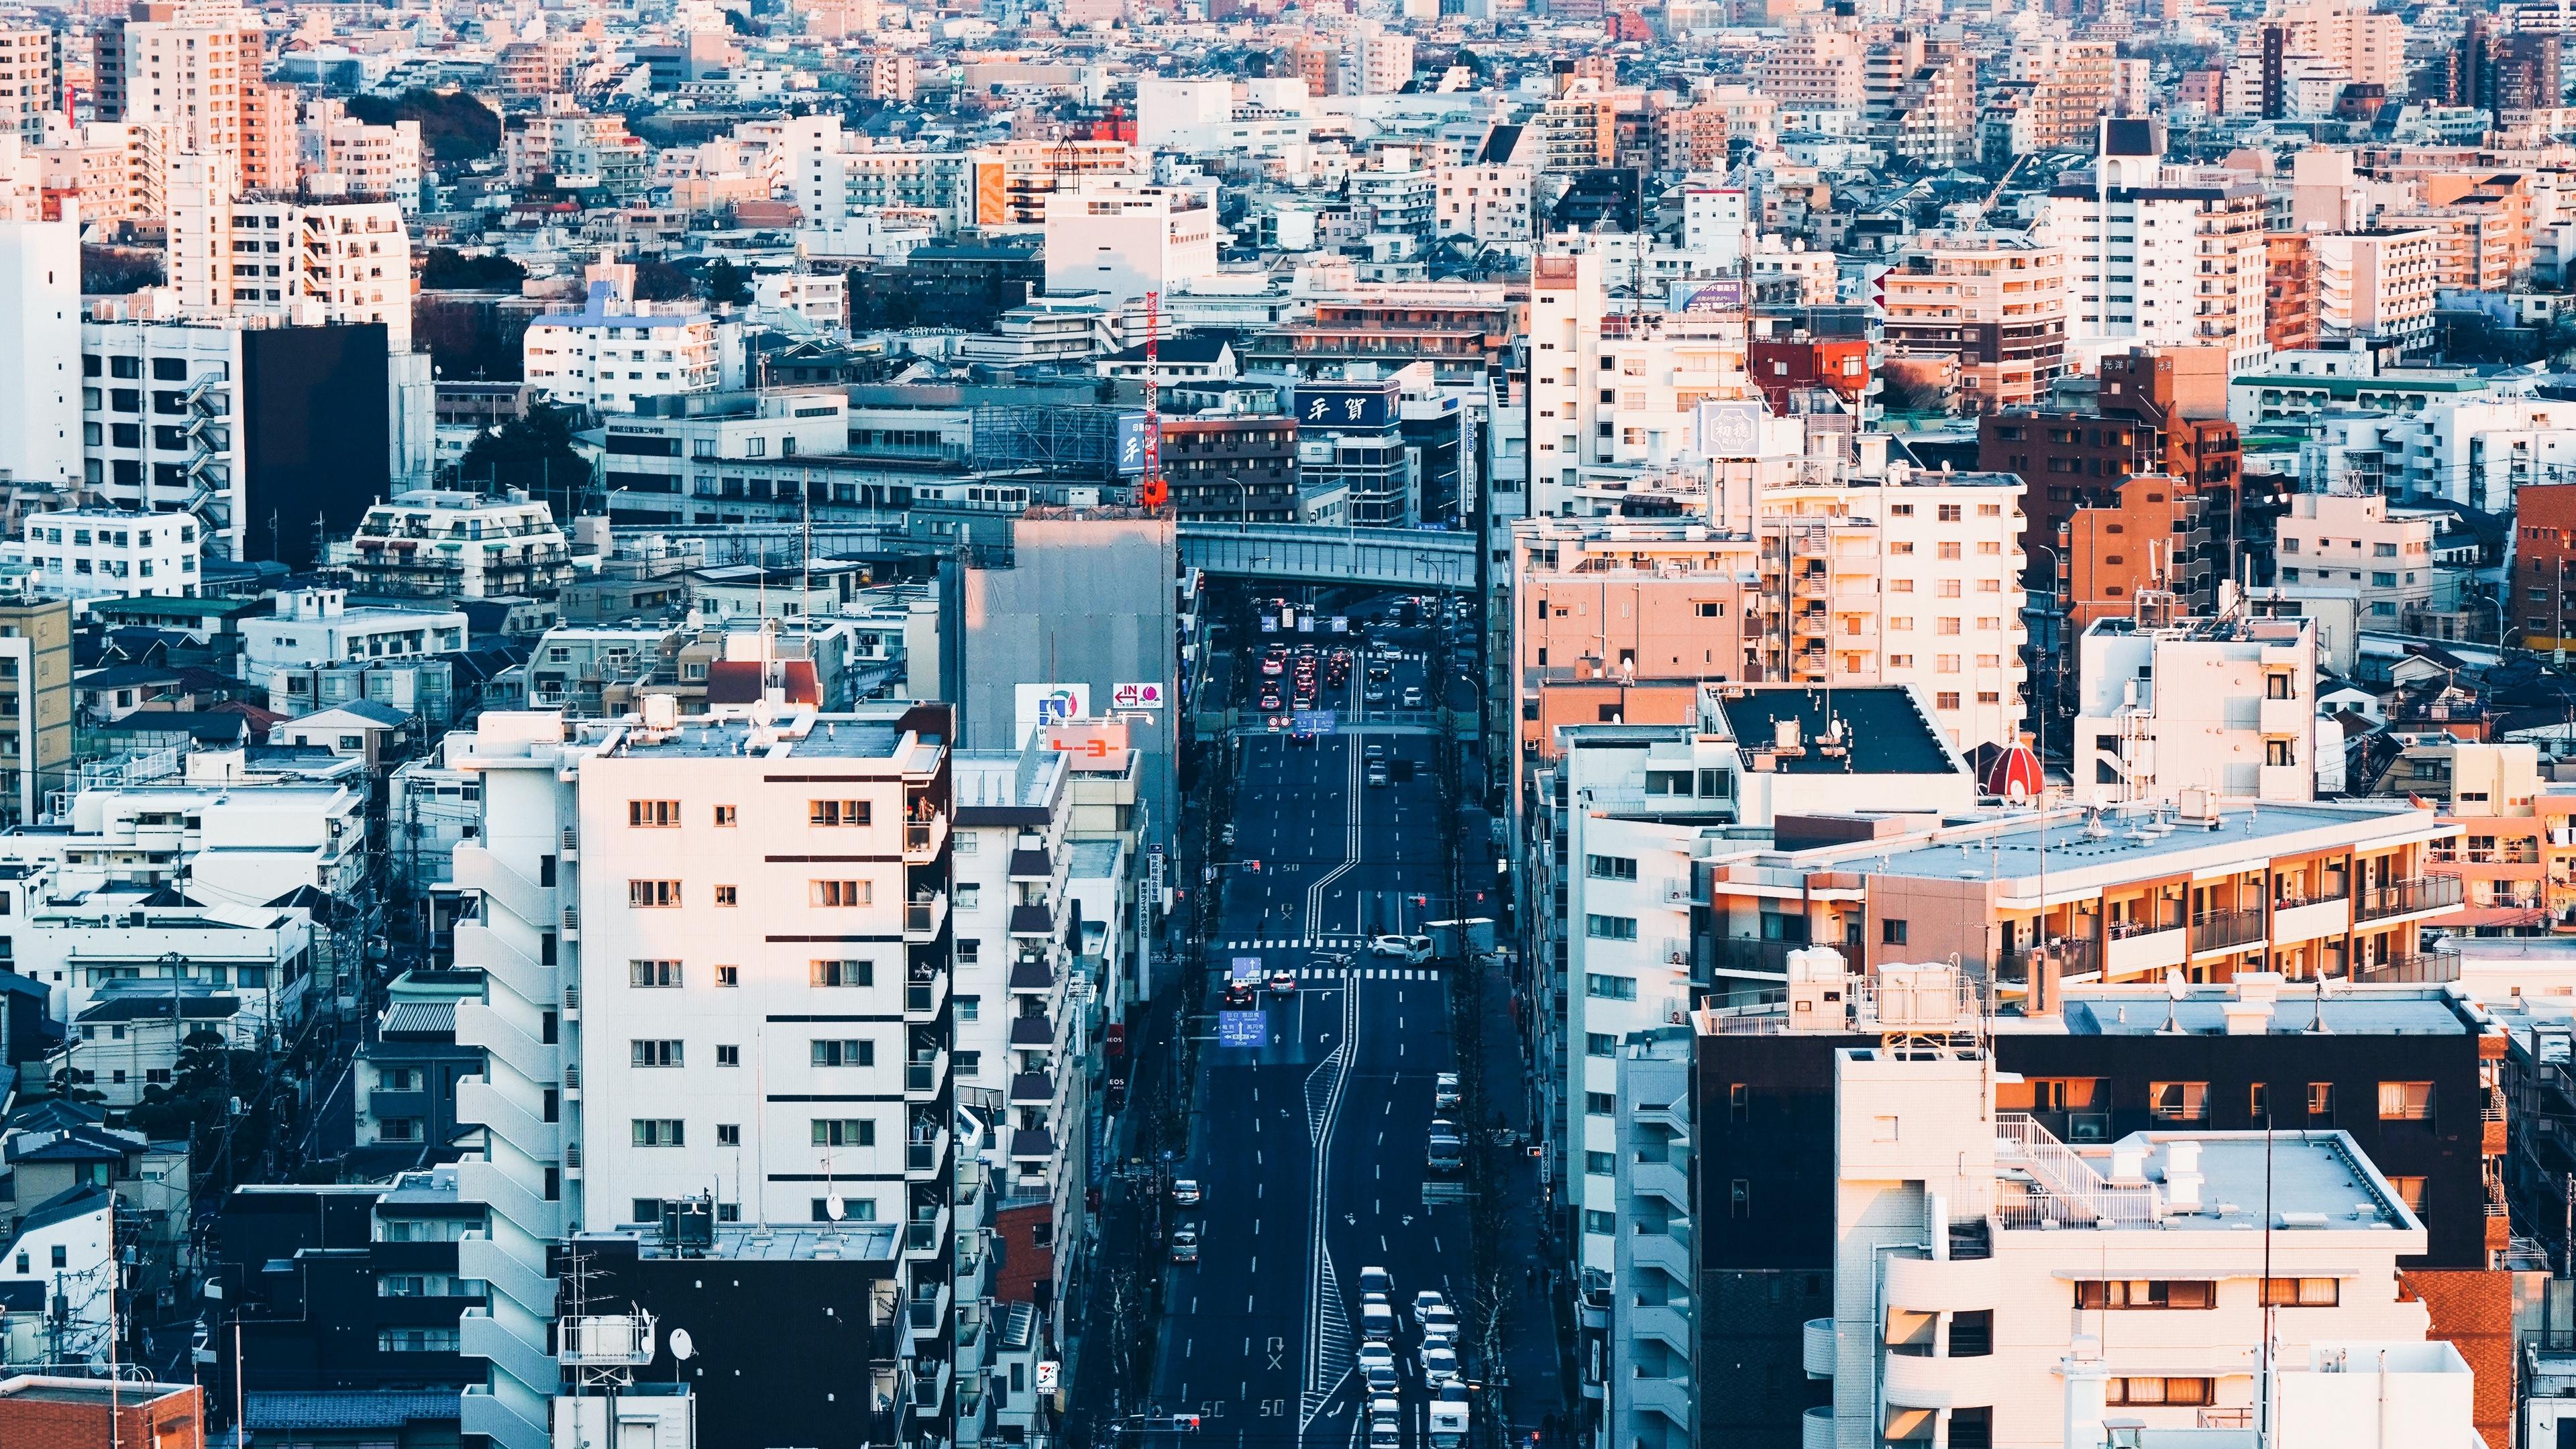 city street road buildings tokyo 4k 1538066212 - city, street, road, buildings, tokyo 4k - Street, Road, City